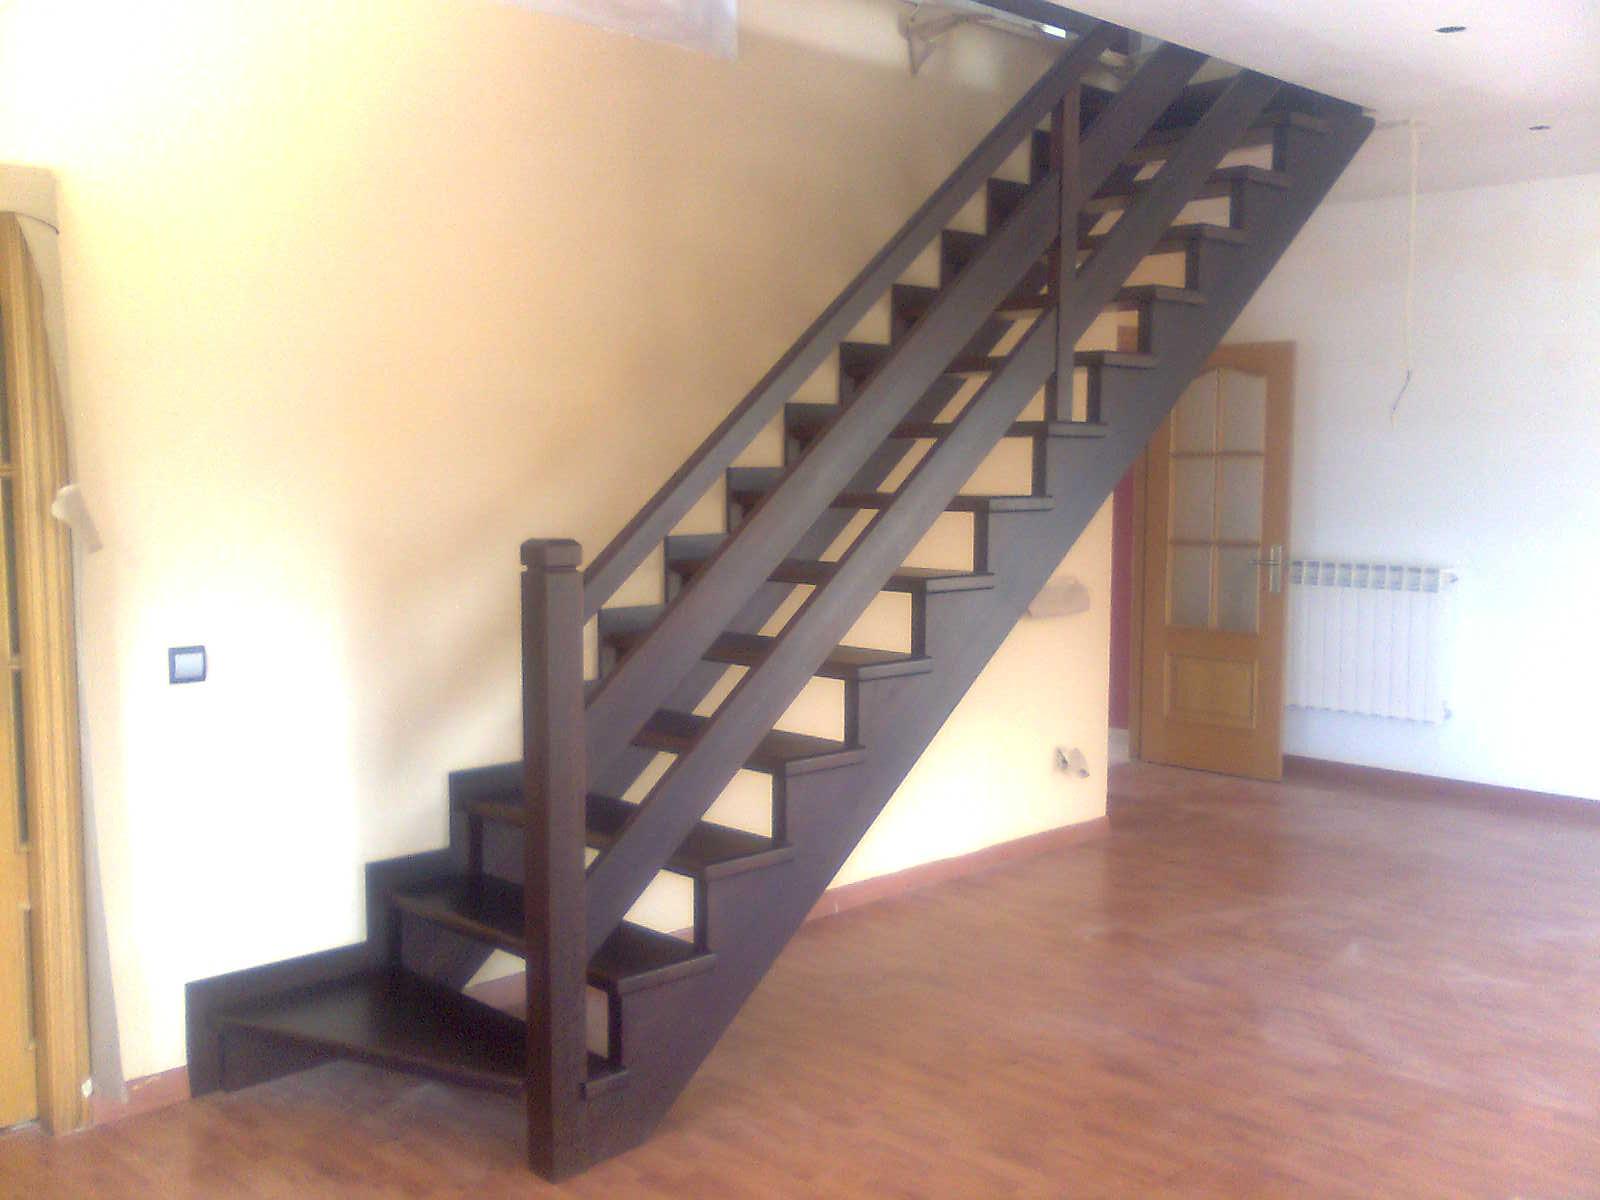 escalera recta en madera de iroco teida con barandilla de tablas horizontales - Escaleras Madera